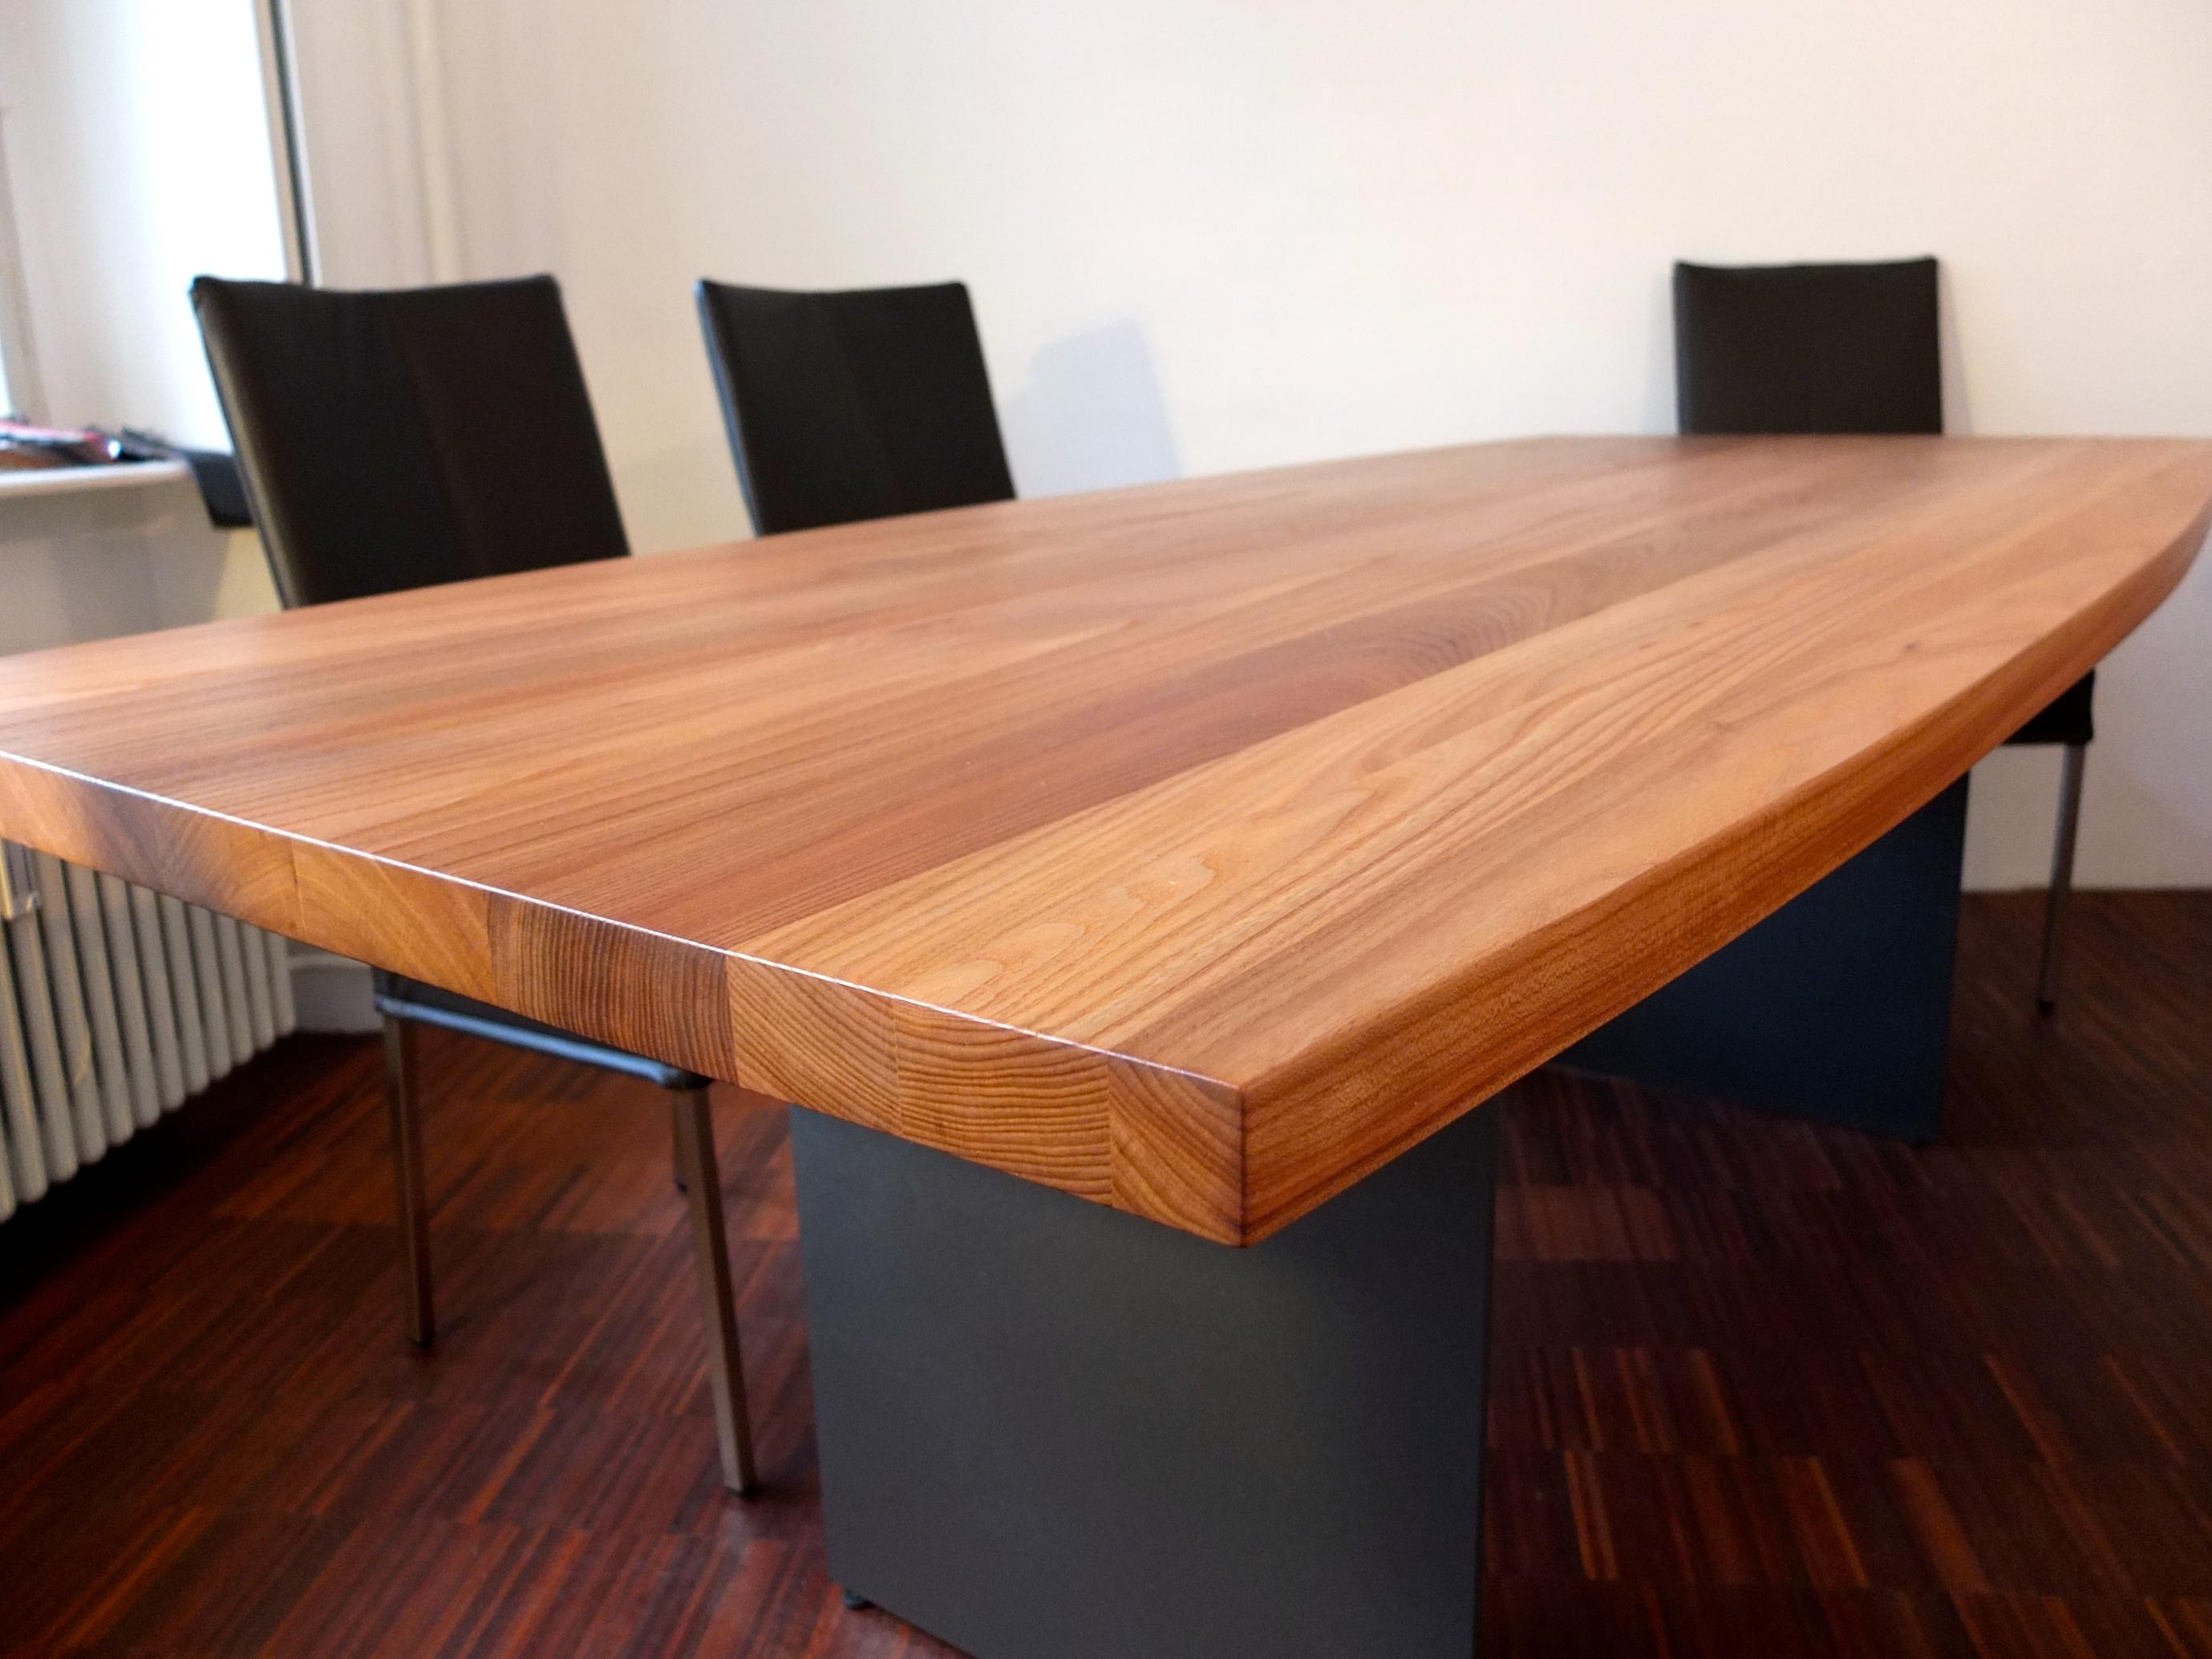 berlin mb zwo holztische showroom tisch 2 berlin ick liebe dir. Black Bedroom Furniture Sets. Home Design Ideas